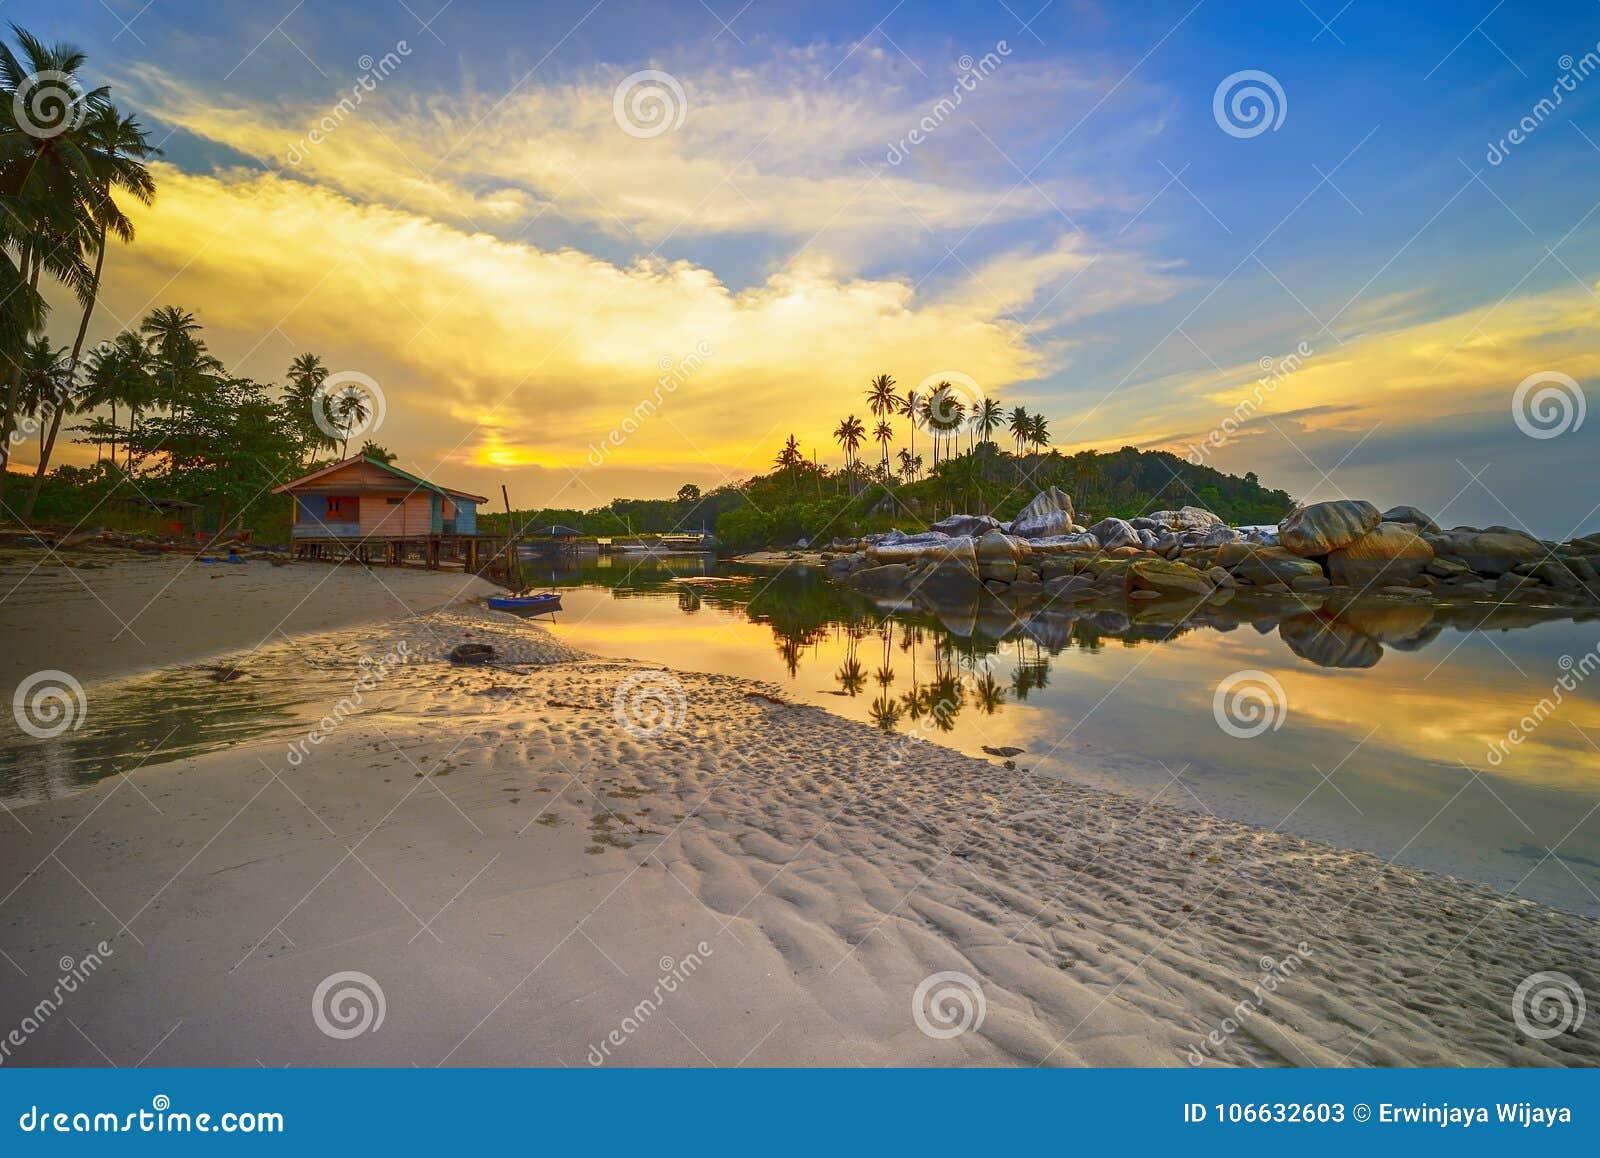 Остров Индонезия Bintan пляжа Pengudang захода солнца